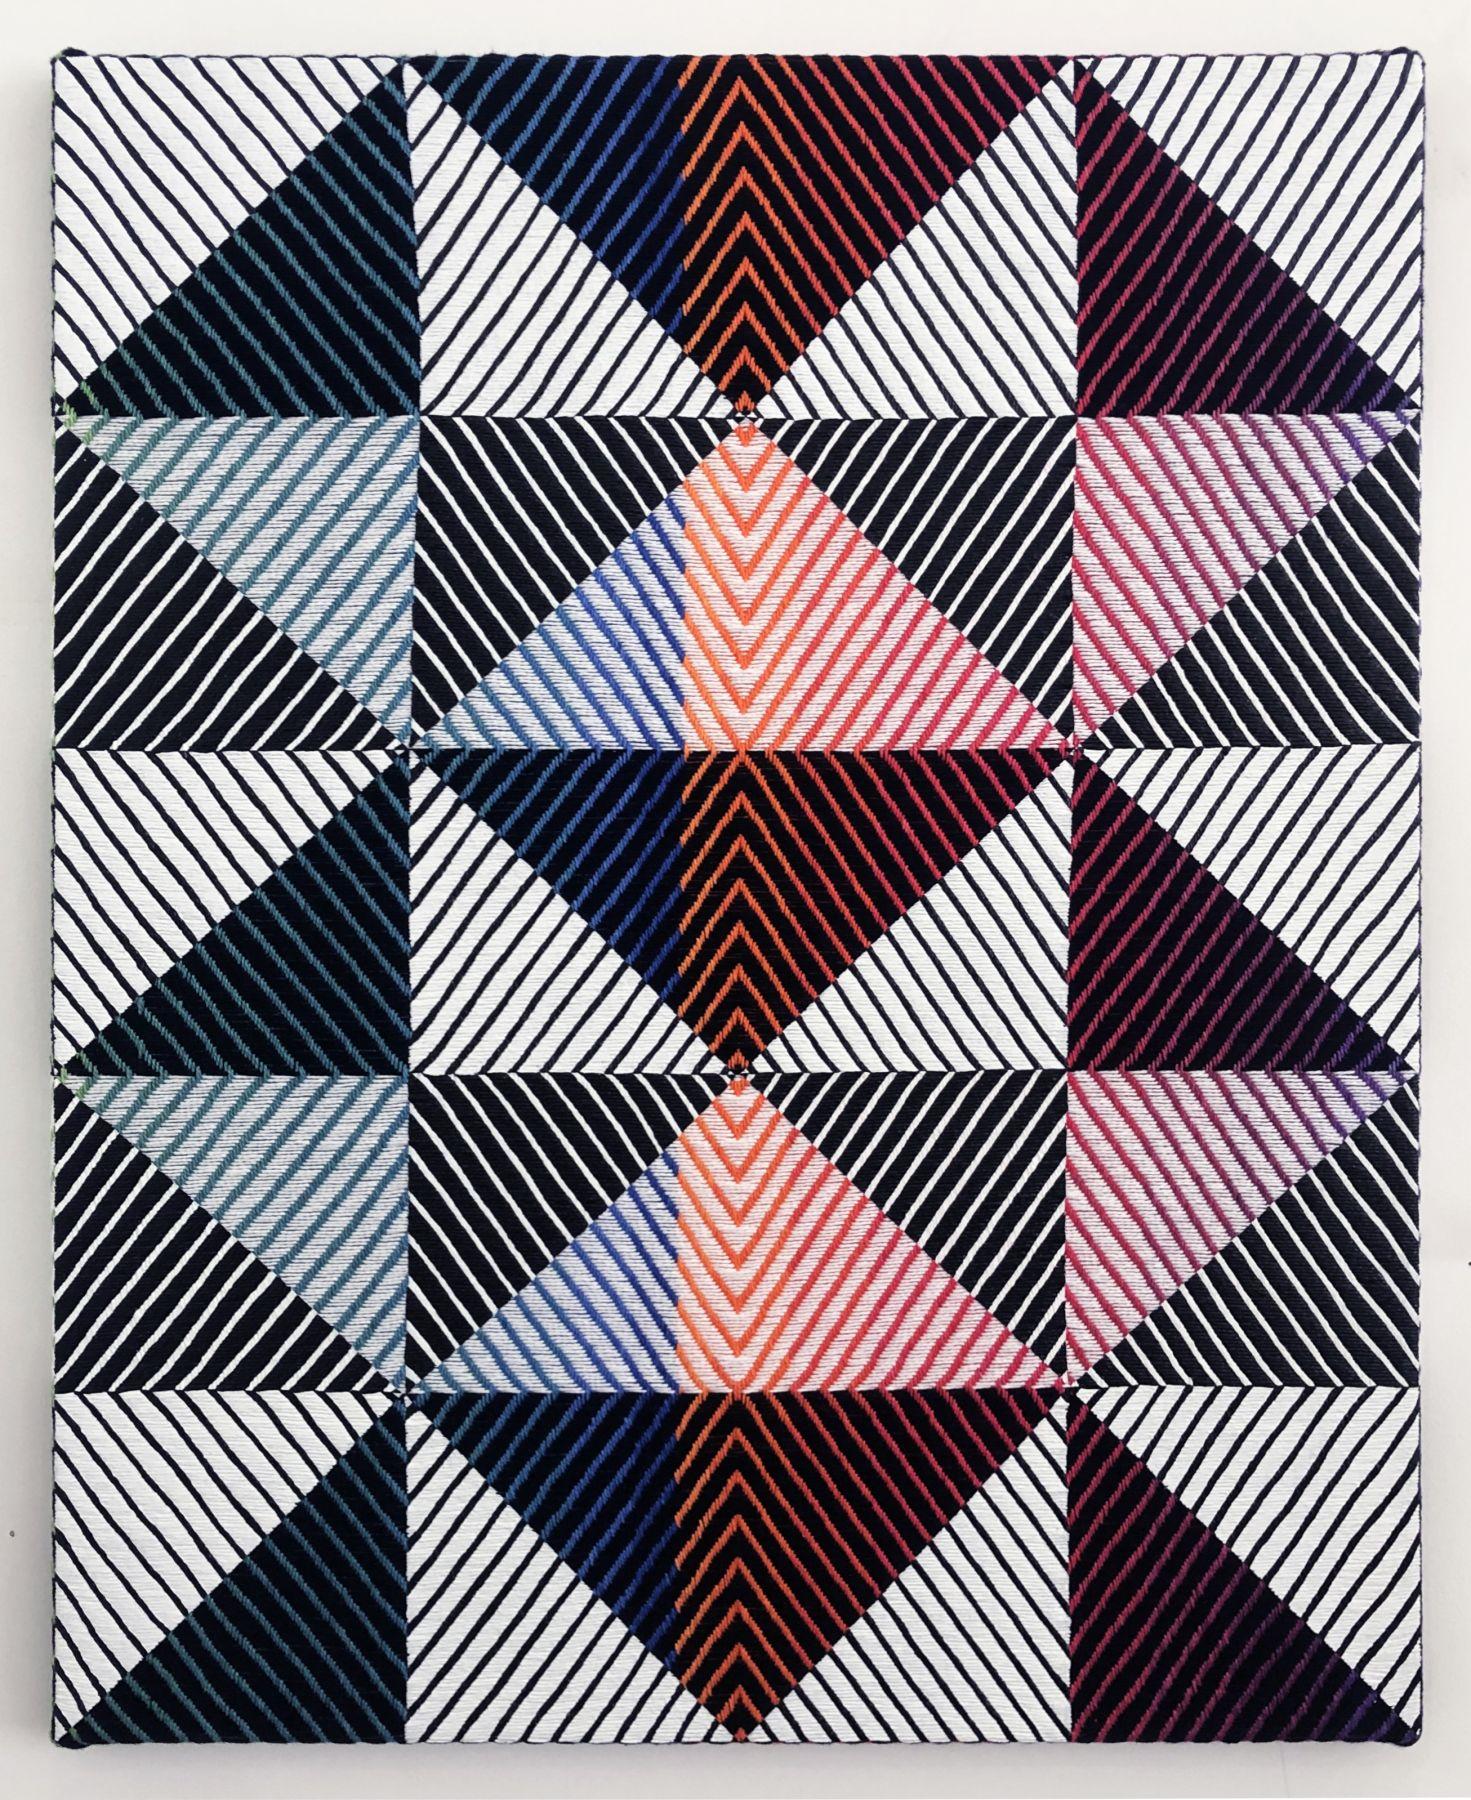 Samantha Bittman Untitled, 2019